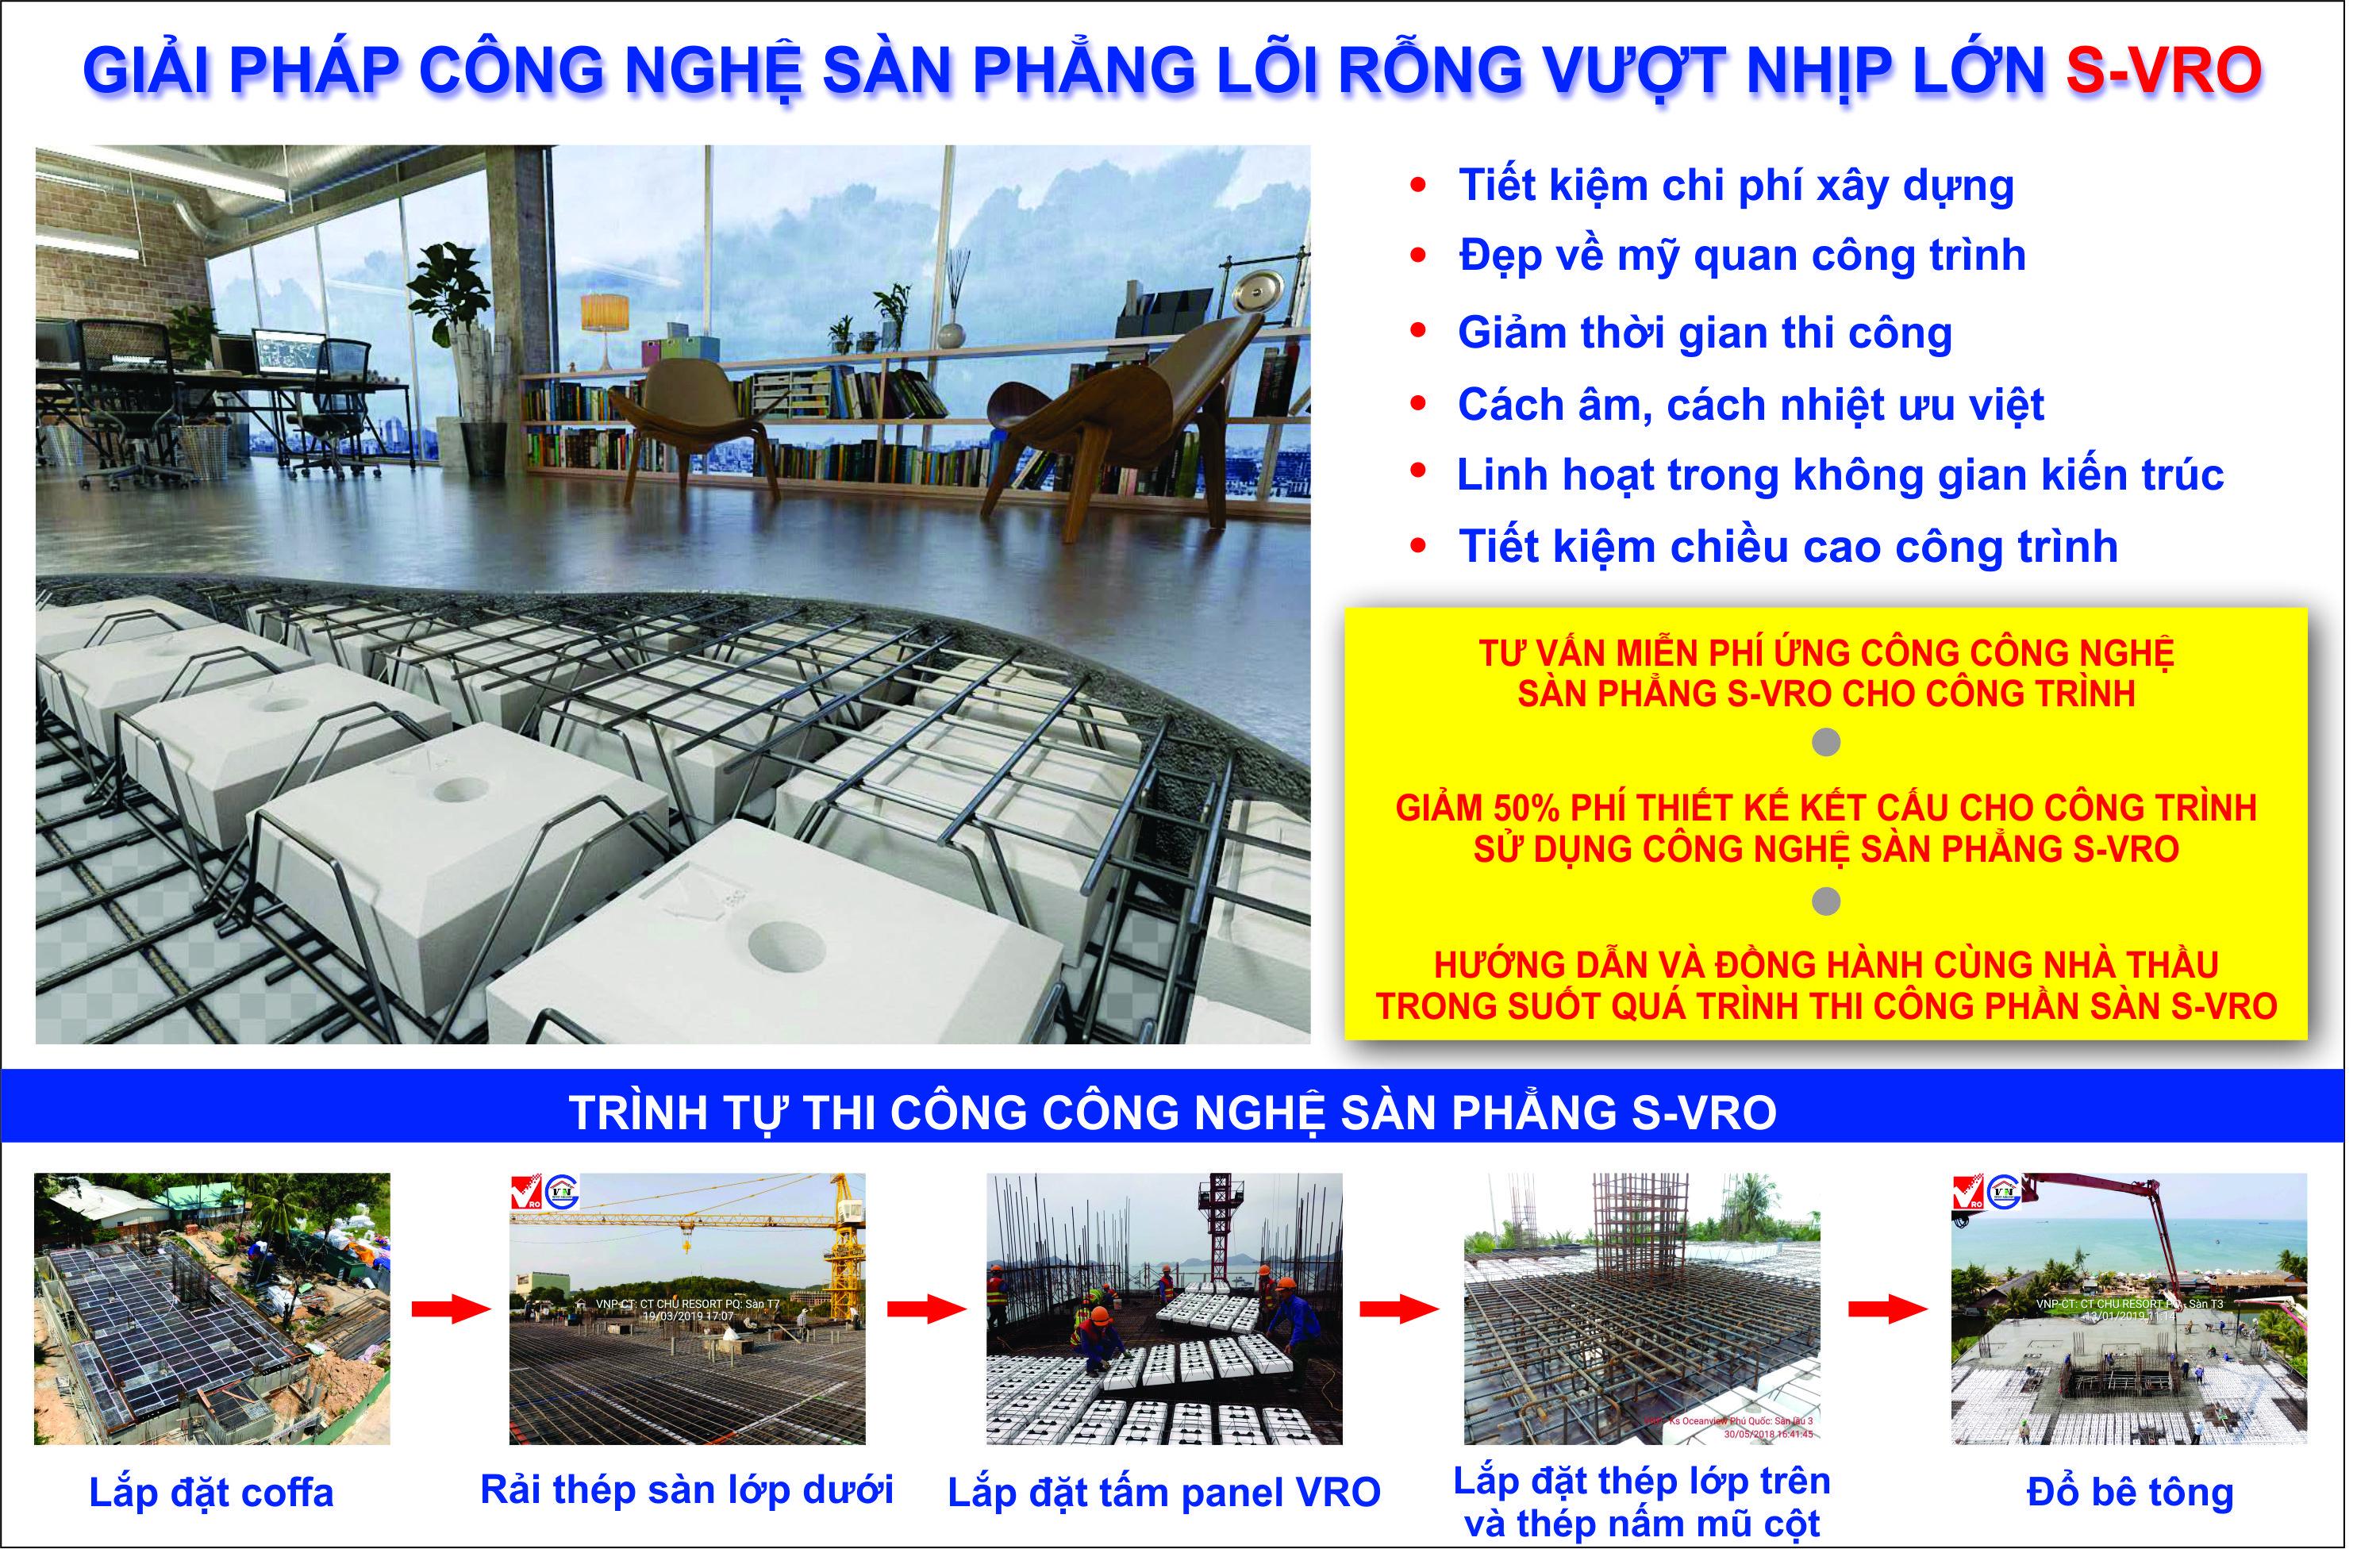 Vn-phng-2